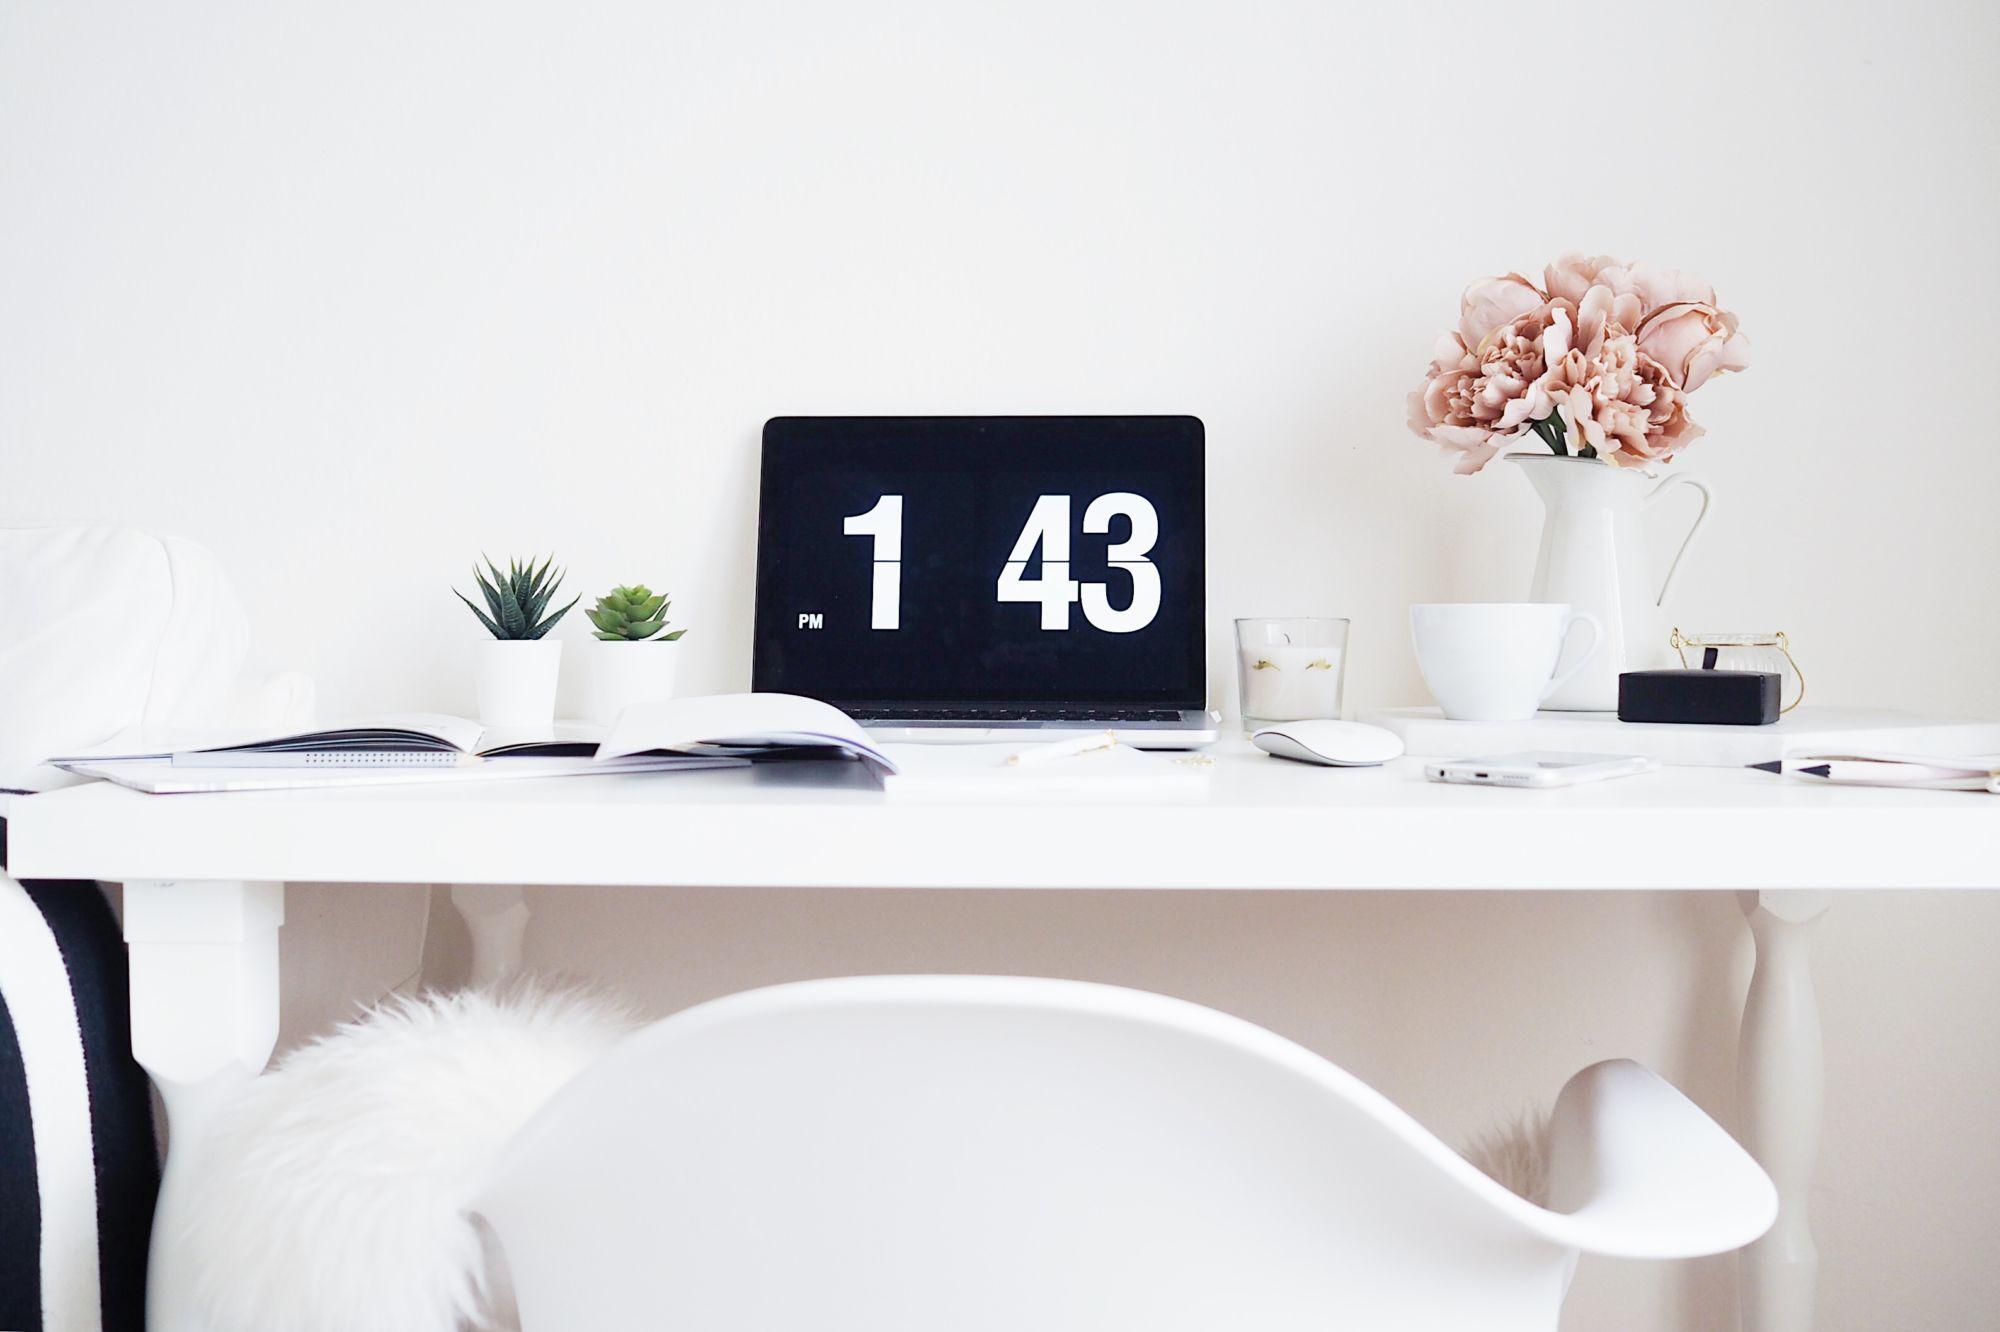 bílý pracovní stůl s otevřeným notebookem, dvěma sukulenty a květinou v bílém džbánku